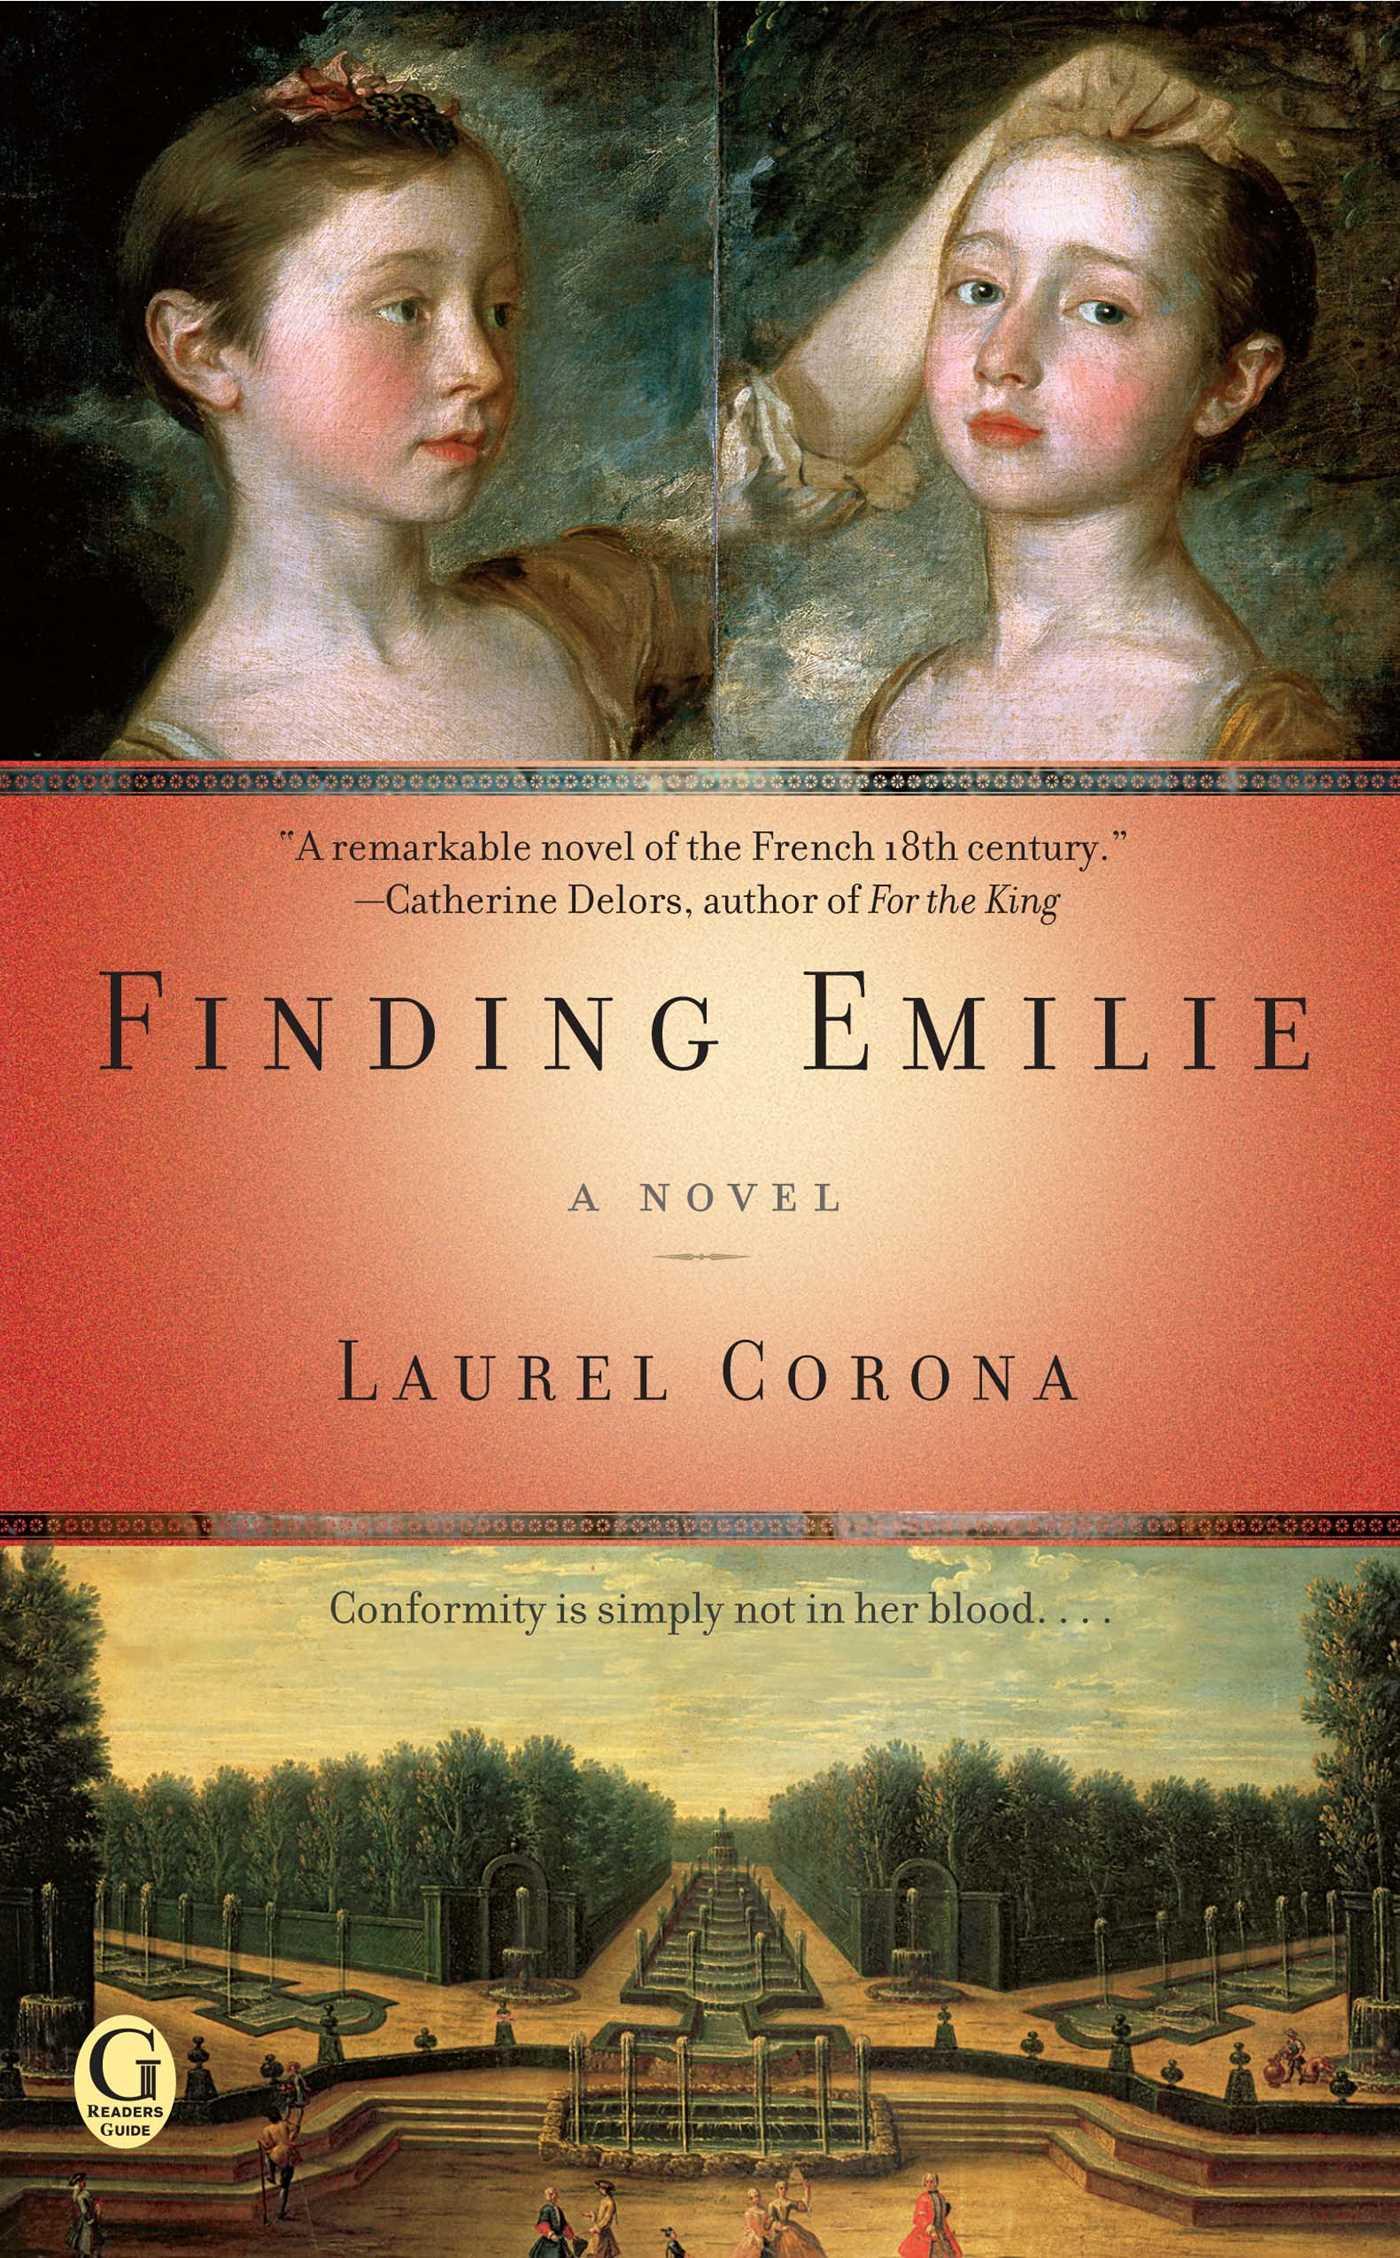 Finding emilie 9781439197660 hr